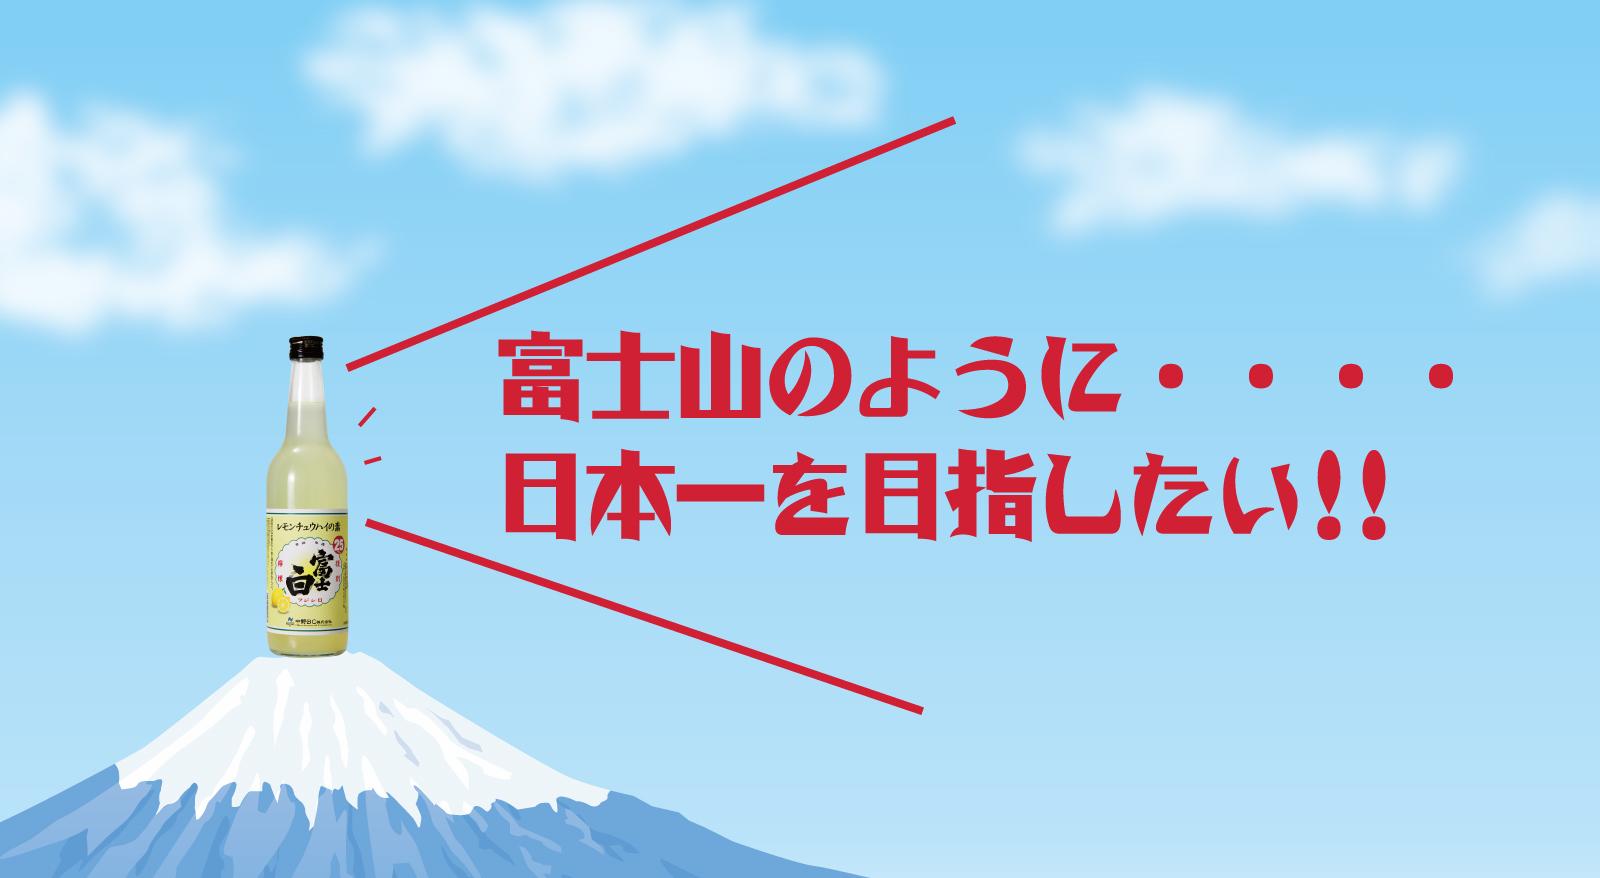 2018年9月27日(木)に全国発売!!!